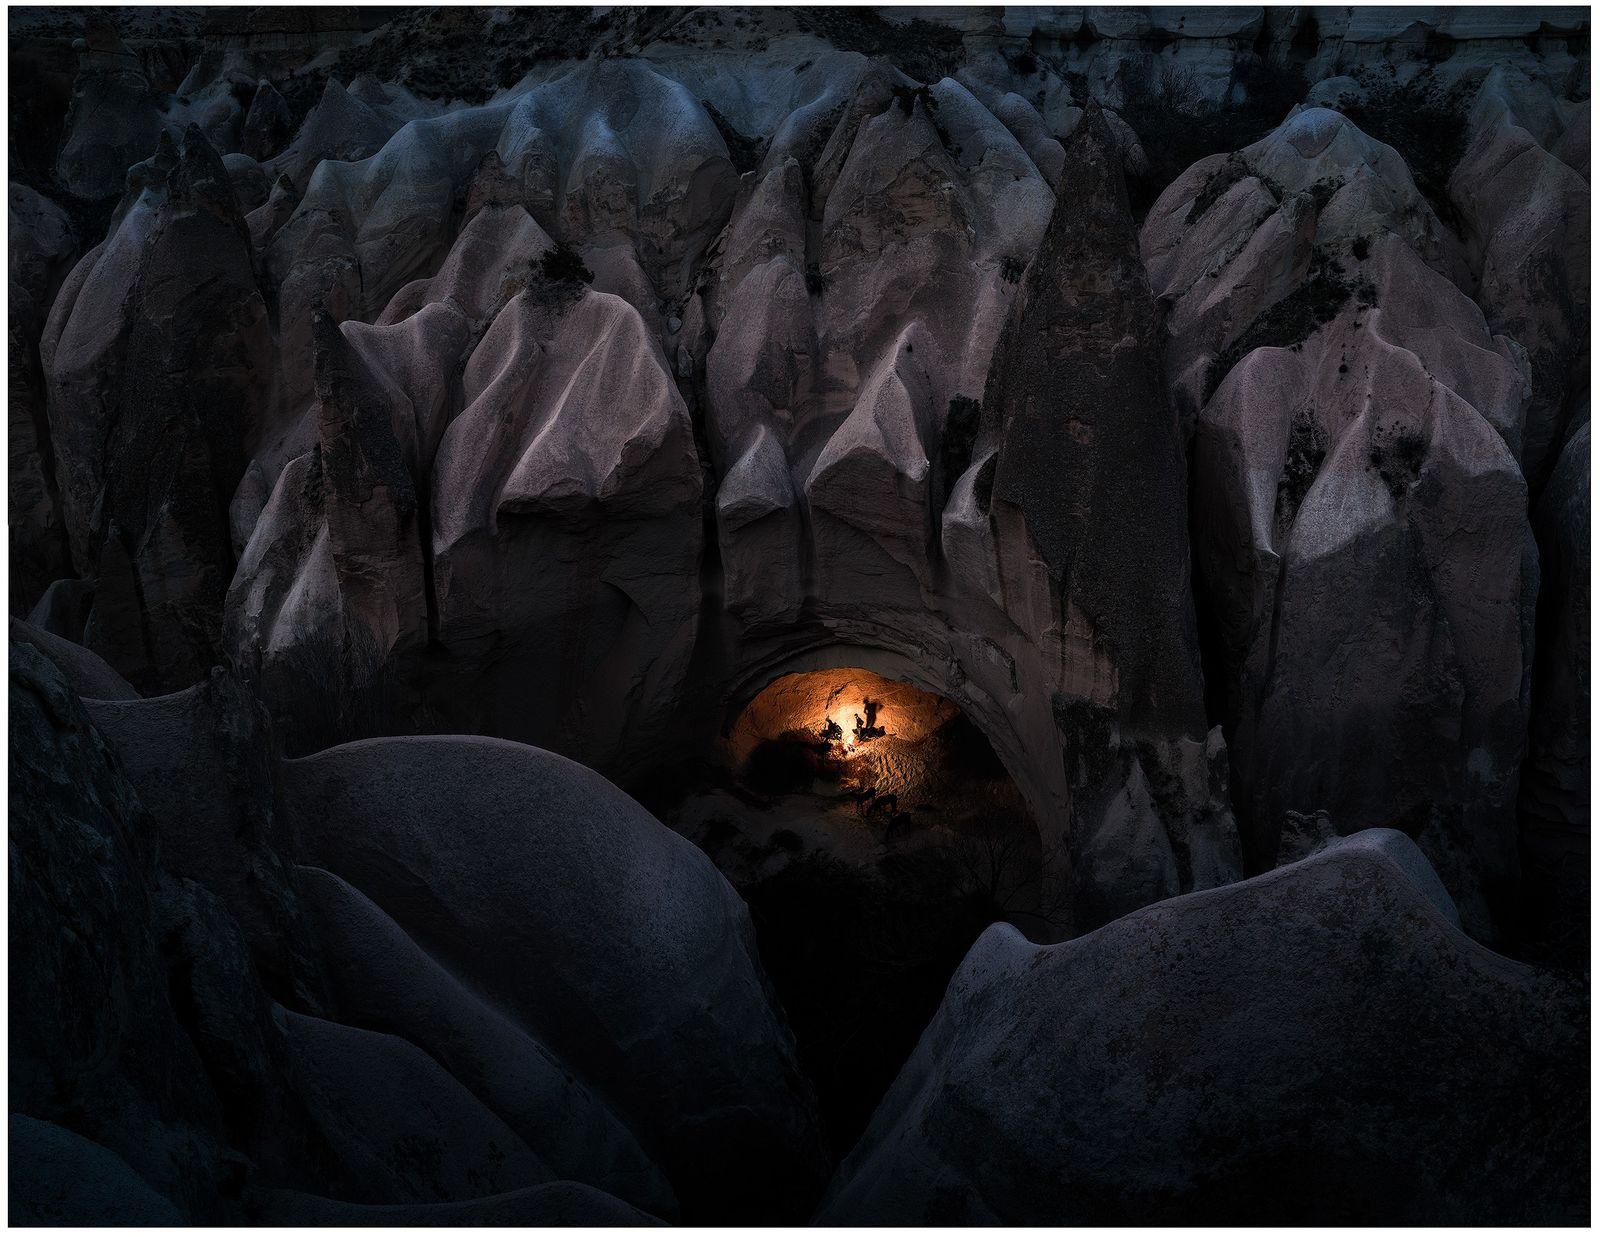 Cappadoce, Turquie, 2019 - Au sein des célèbres cavités rocheuses de Cappadoce un groupe d'amis se ...